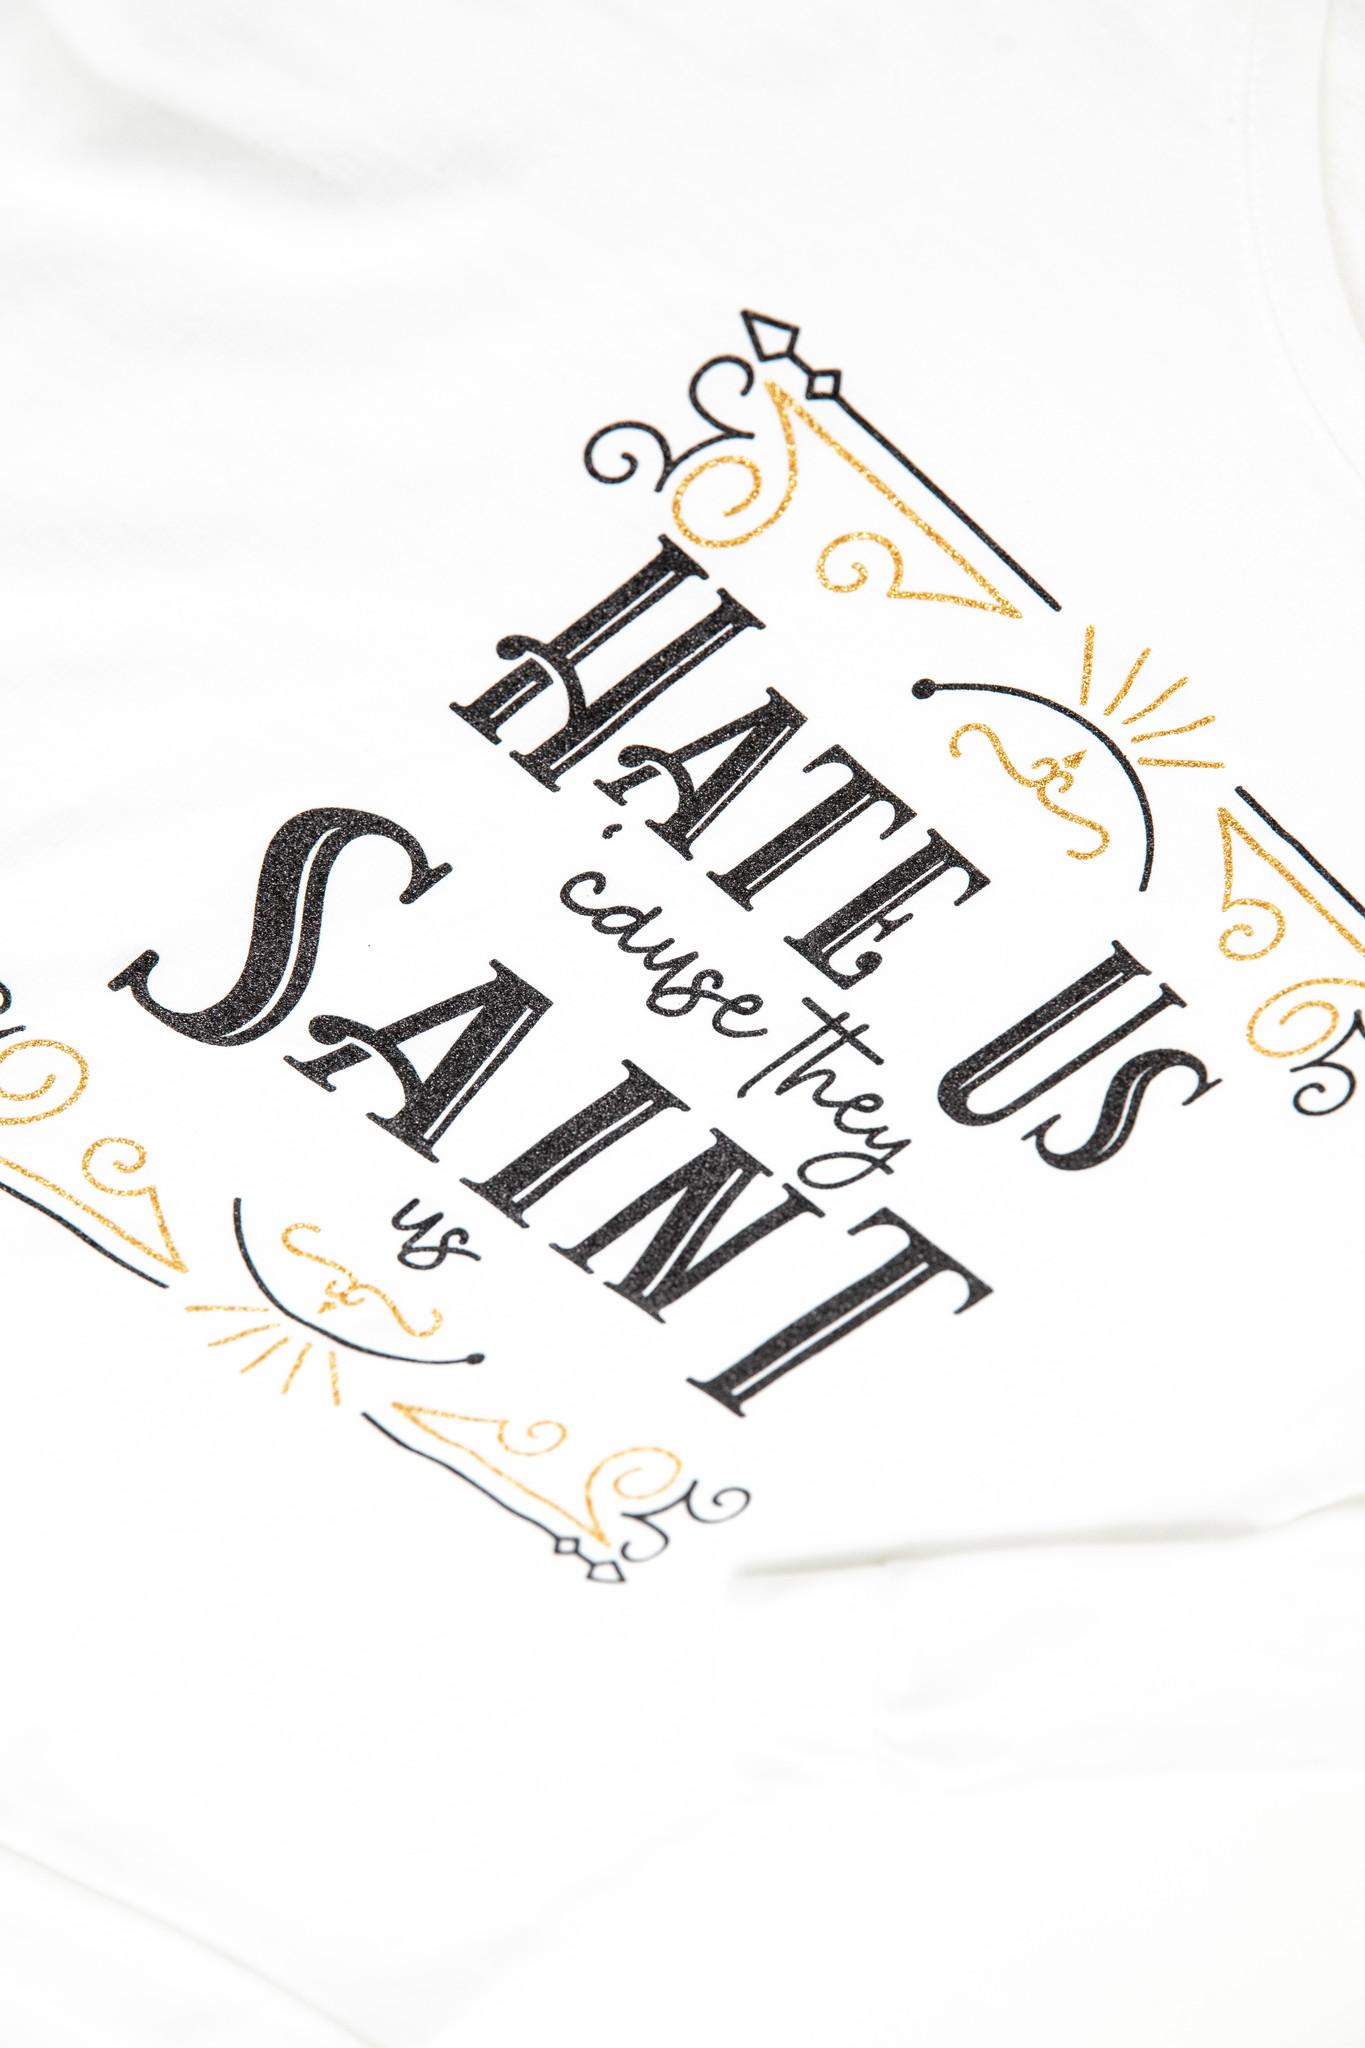 Hate Us Cause They Saint Us Sweatshirt